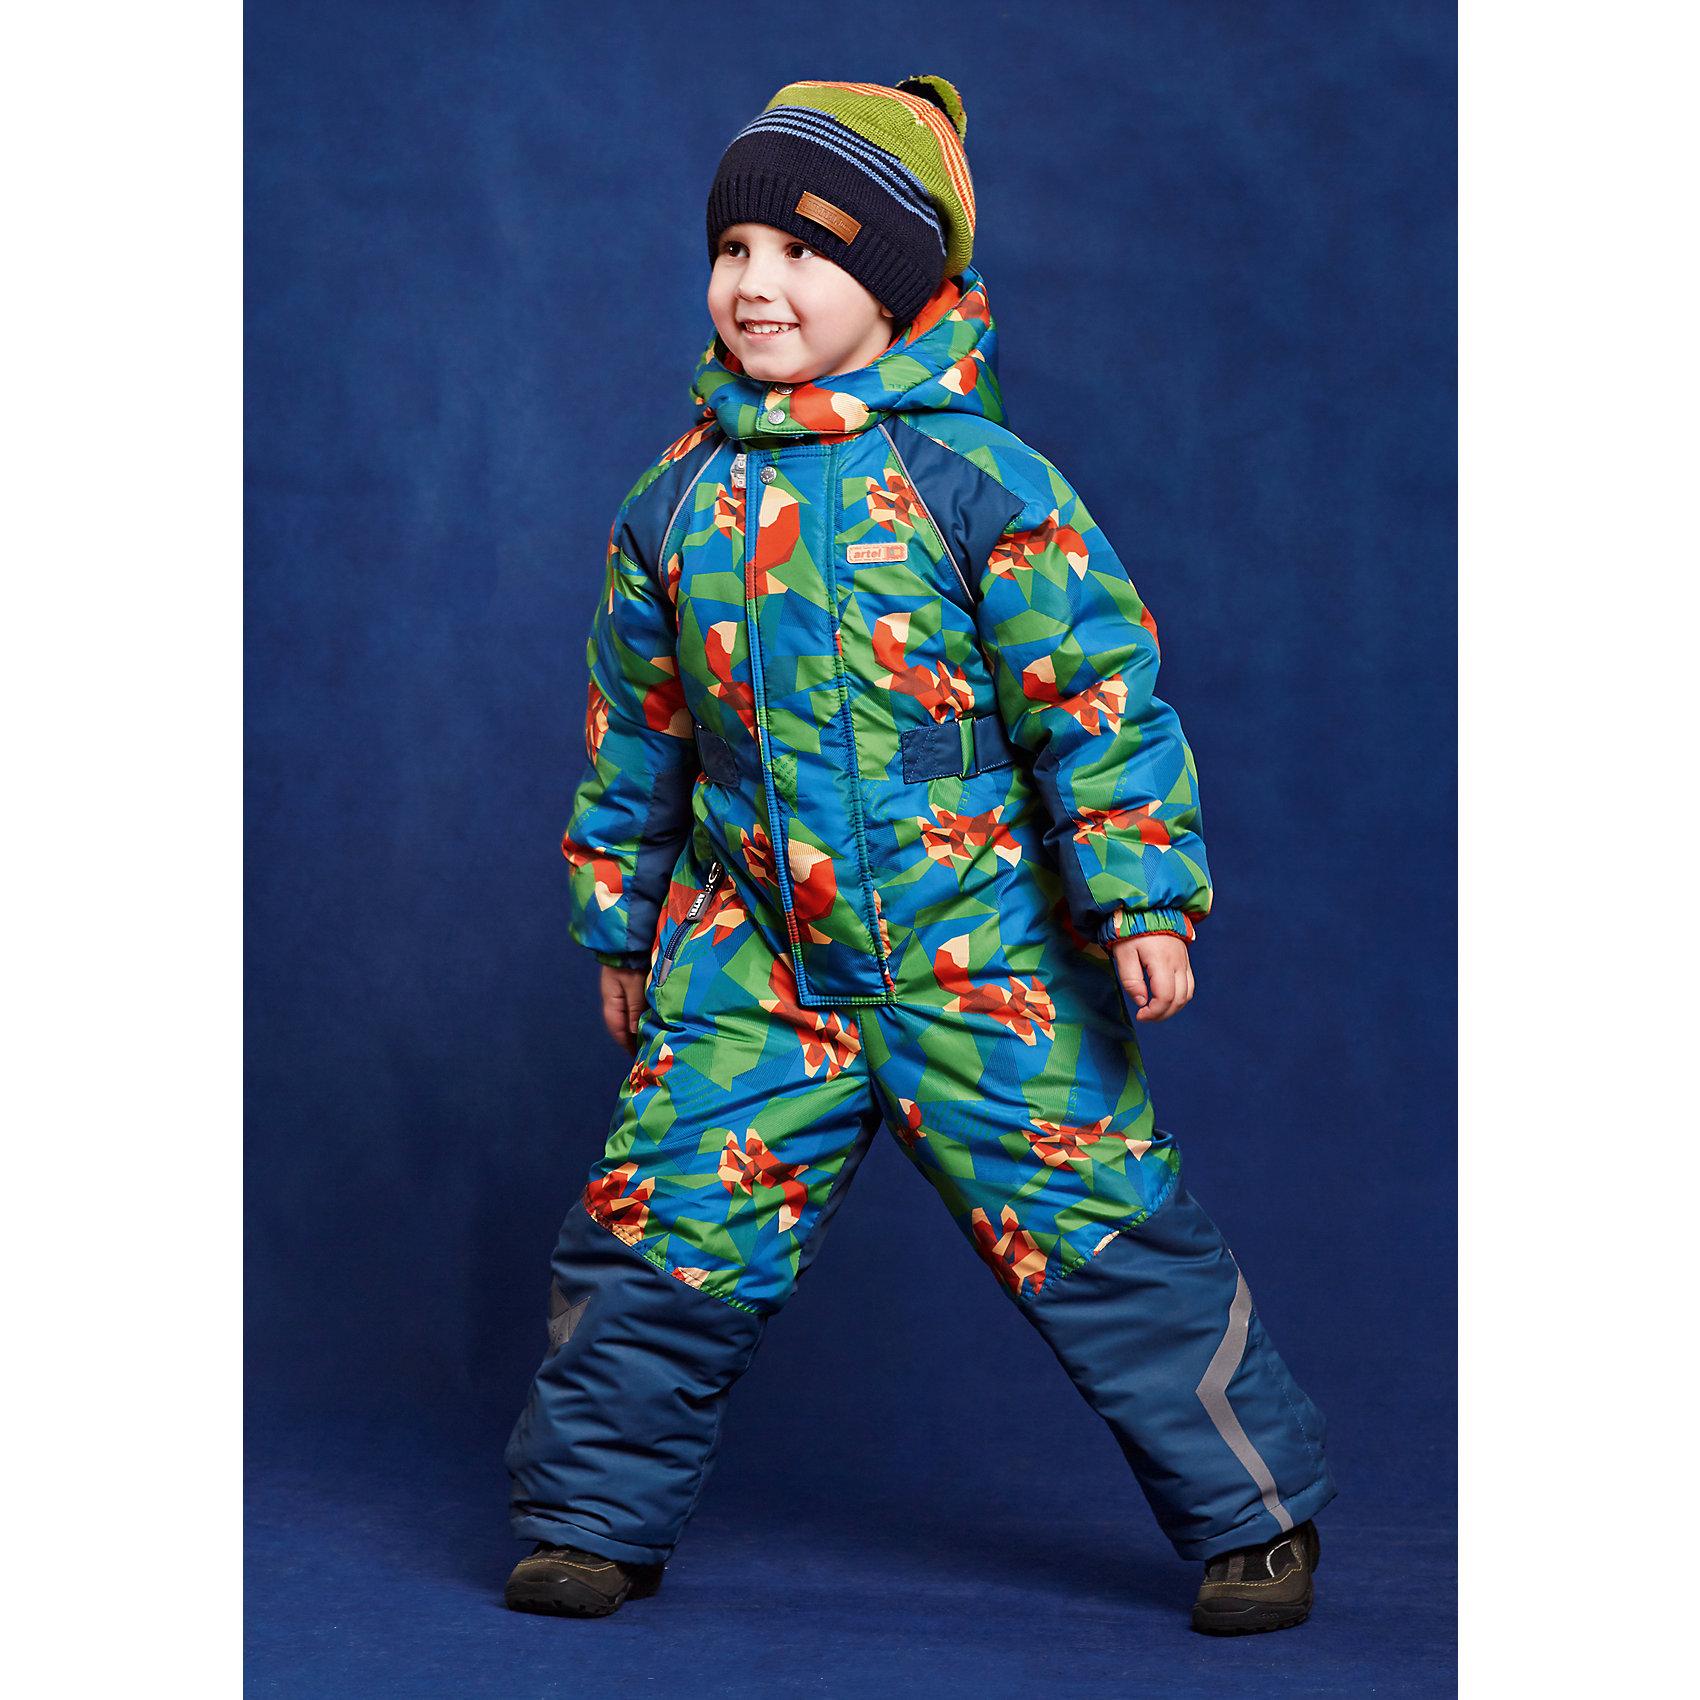 Комбинезон для мальчика АртельВерхняя одежда<br>Комбинезон для мальчика от известного бренда Артель<br>Комбинезонна современном утеплителе выполнен из мембранной ткани , что позволитребенку долго гулять даже в самую слякотную погоду, кататься с мокрых горок и не промокнуть.Внизу на штанишках есть дополнительная фиксация в виде напульсника и застежки на липучку. На манжетах с внутренней стороны расположены специальные флисовые вставочки, смягчающие резинку. По линии талии есть внутренняя резинка, сбоку на штанишках - карман на молнии.Молния комбинезона закрыта ветрозащитной планкой. Верх выполнен из ткани с оригинальным геометрическим принтом , низ - однотонный.<br>Состав:<br>Верх: KB-703, Dobby HiPora<br>Подкладка: флис, пэ<br>Утеплитель: TermoFinn 200<br><br>Ширина мм: 356<br>Глубина мм: 10<br>Высота мм: 245<br>Вес г: 519<br>Цвет: синий<br>Возраст от месяцев: 18<br>Возраст до месяцев: 24<br>Пол: Мужской<br>Возраст: Детский<br>Размер: 92,104,98<br>SKU: 4963557